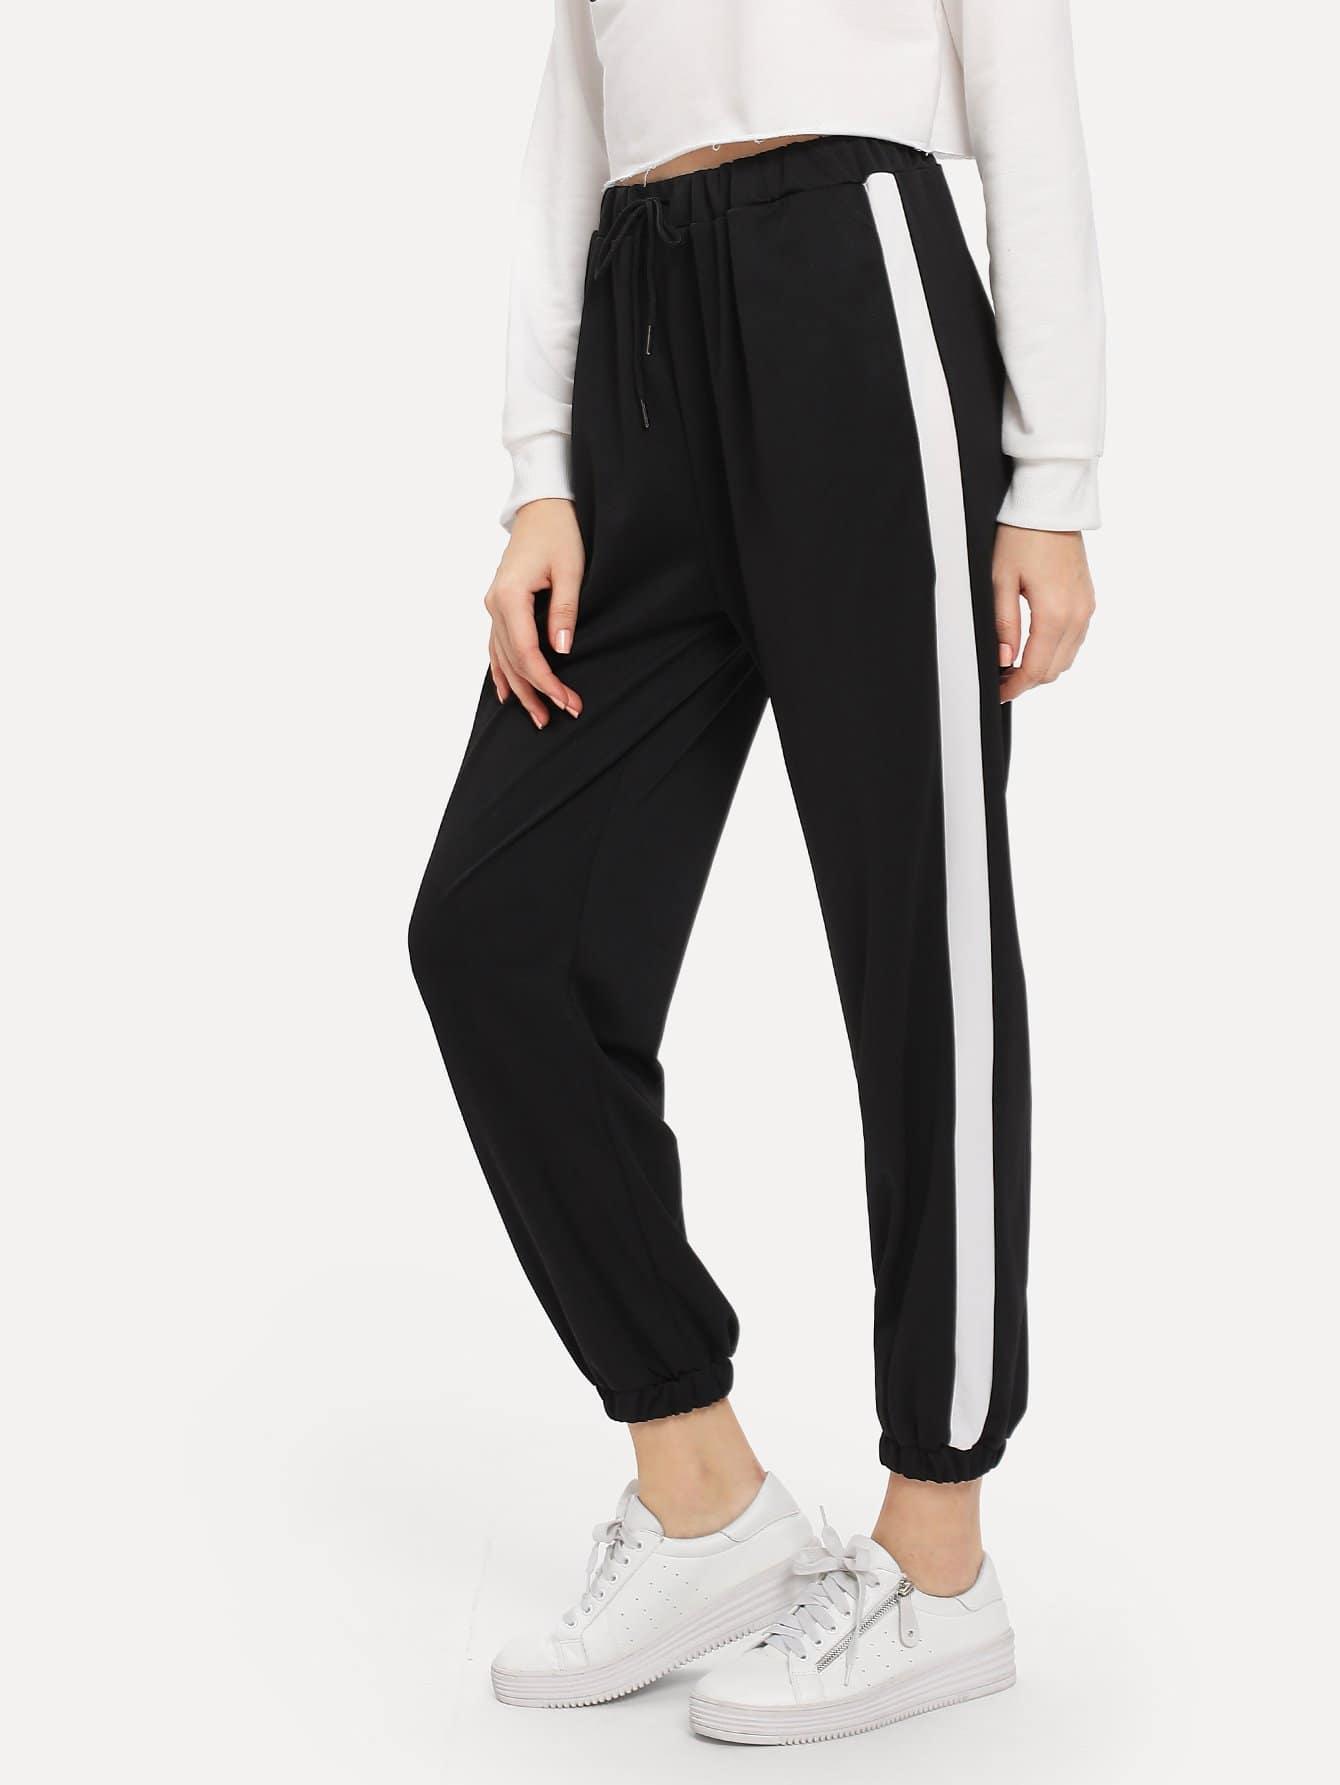 Высокая Талия брюки бортовых полосатах, Kate B, SheIn  - купить со скидкой